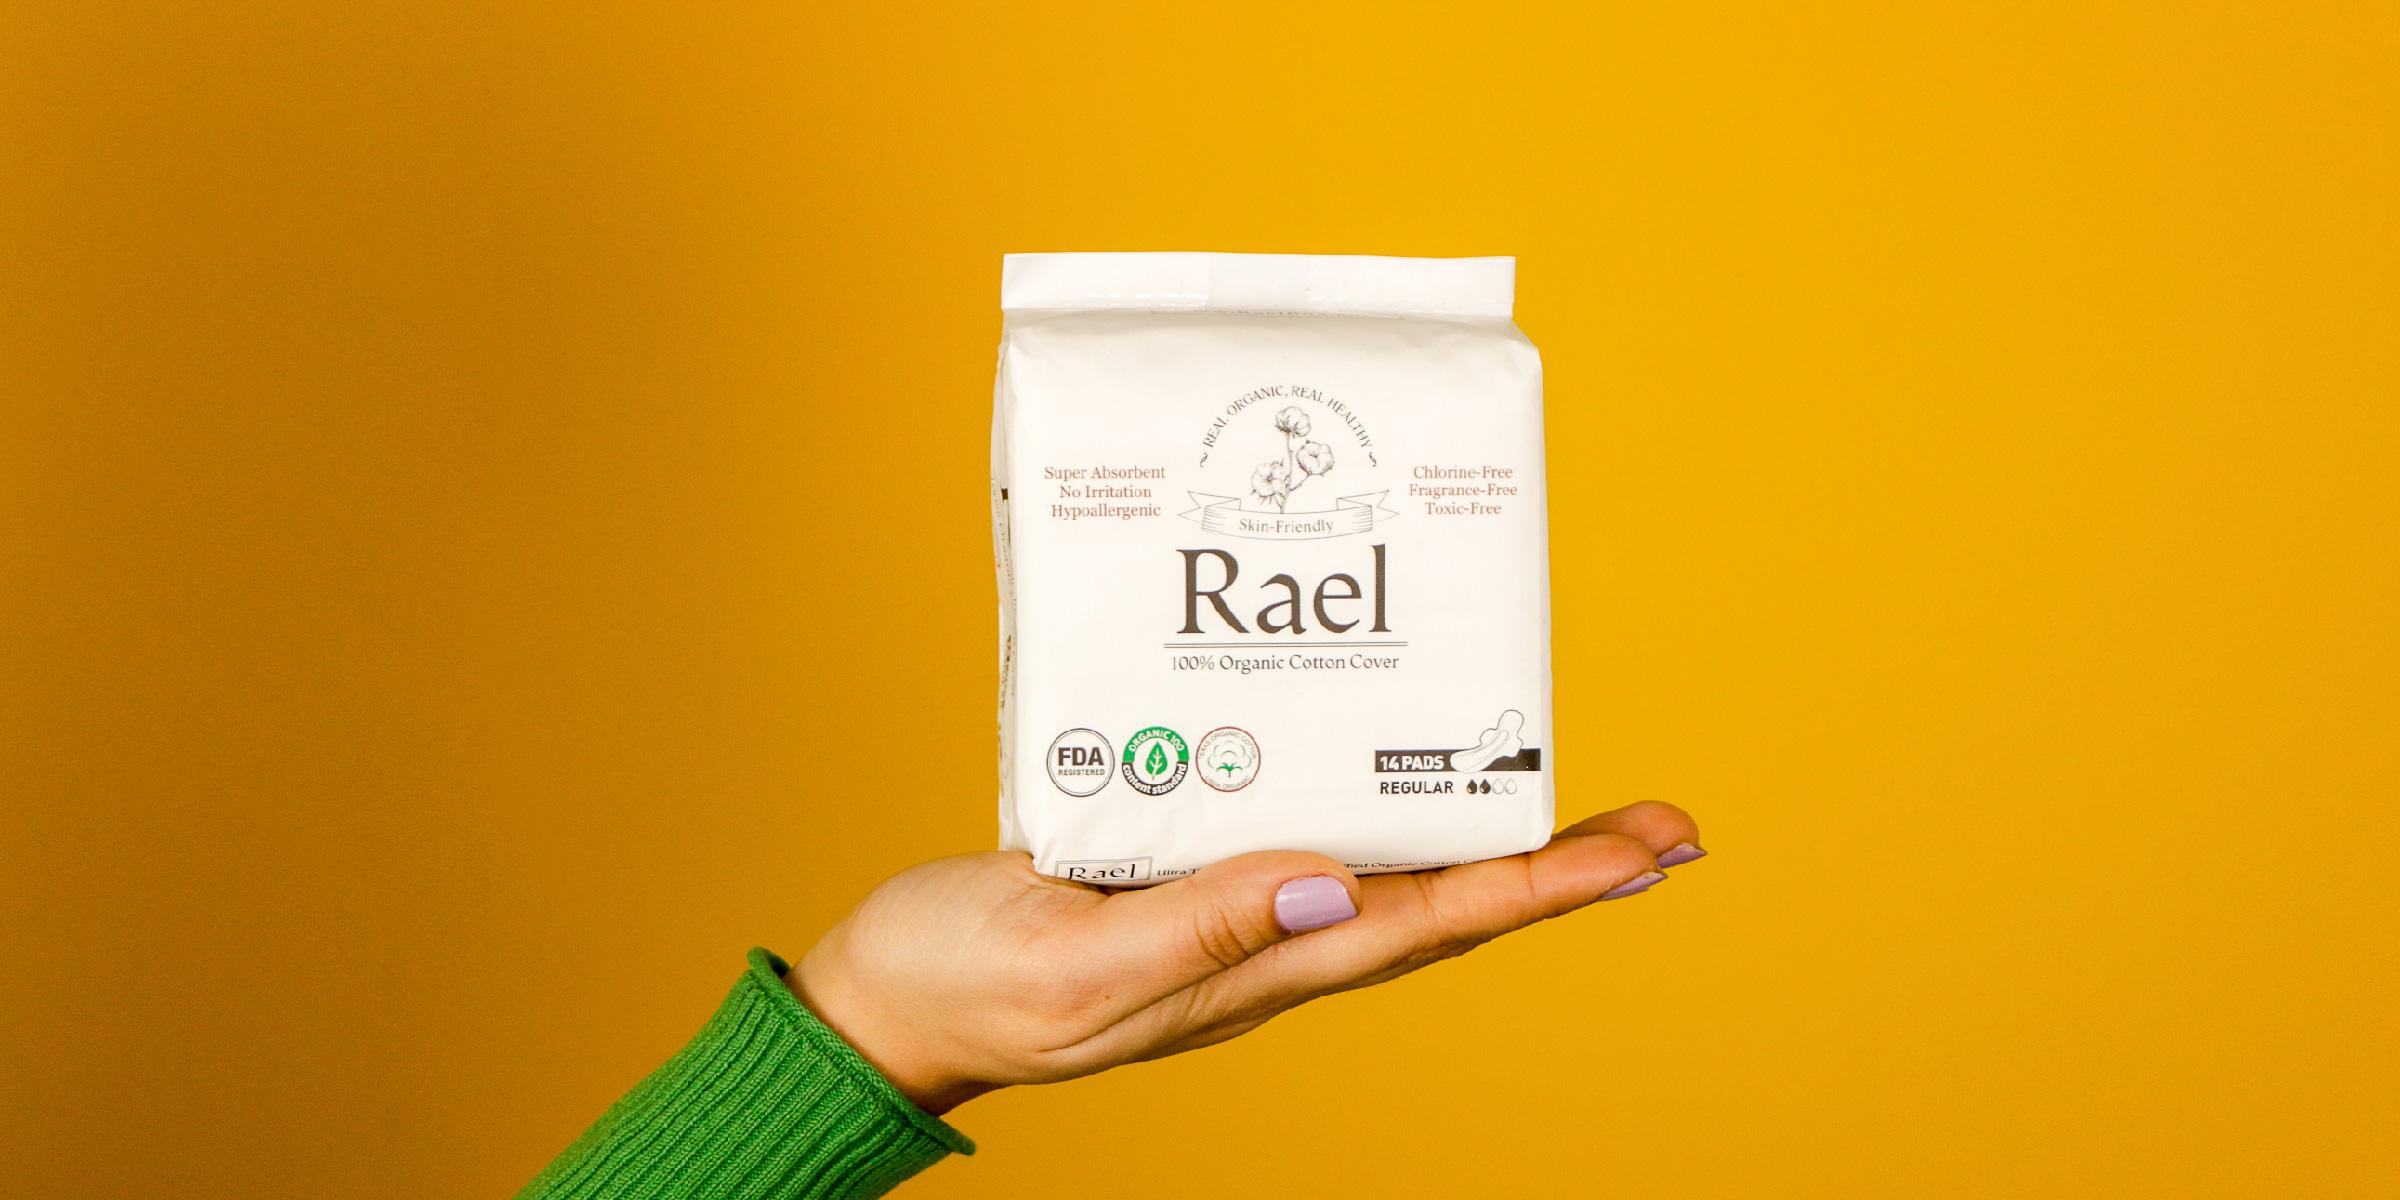 Rael Disposable Menstrual Pads Reviews